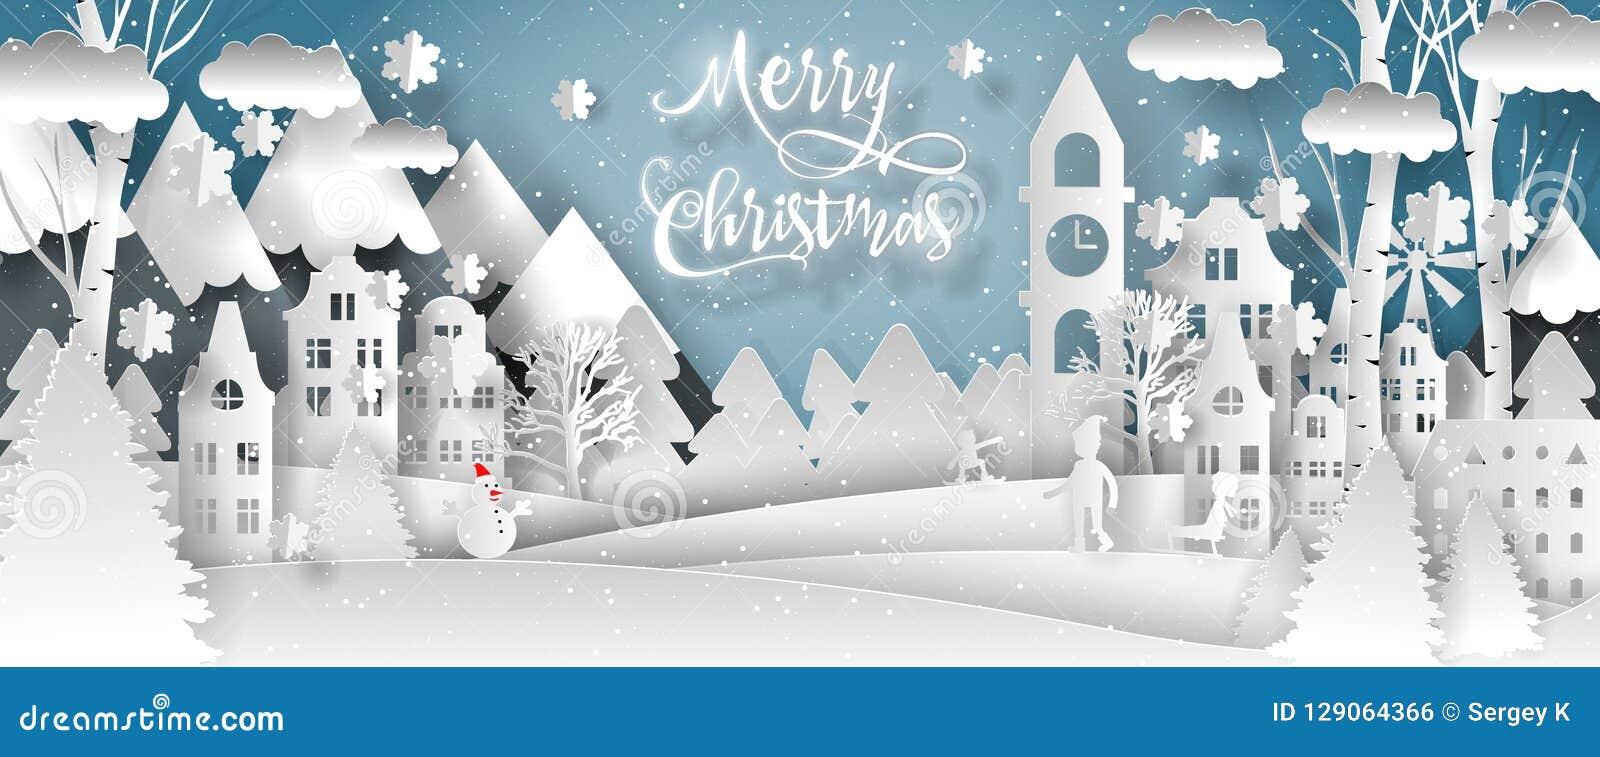 Διανυσματικό σχέδιο Χαρούμενα Χριστούγεννας Καλή χρονιά 2019 και Χαρούμενα Χριστούγεννα